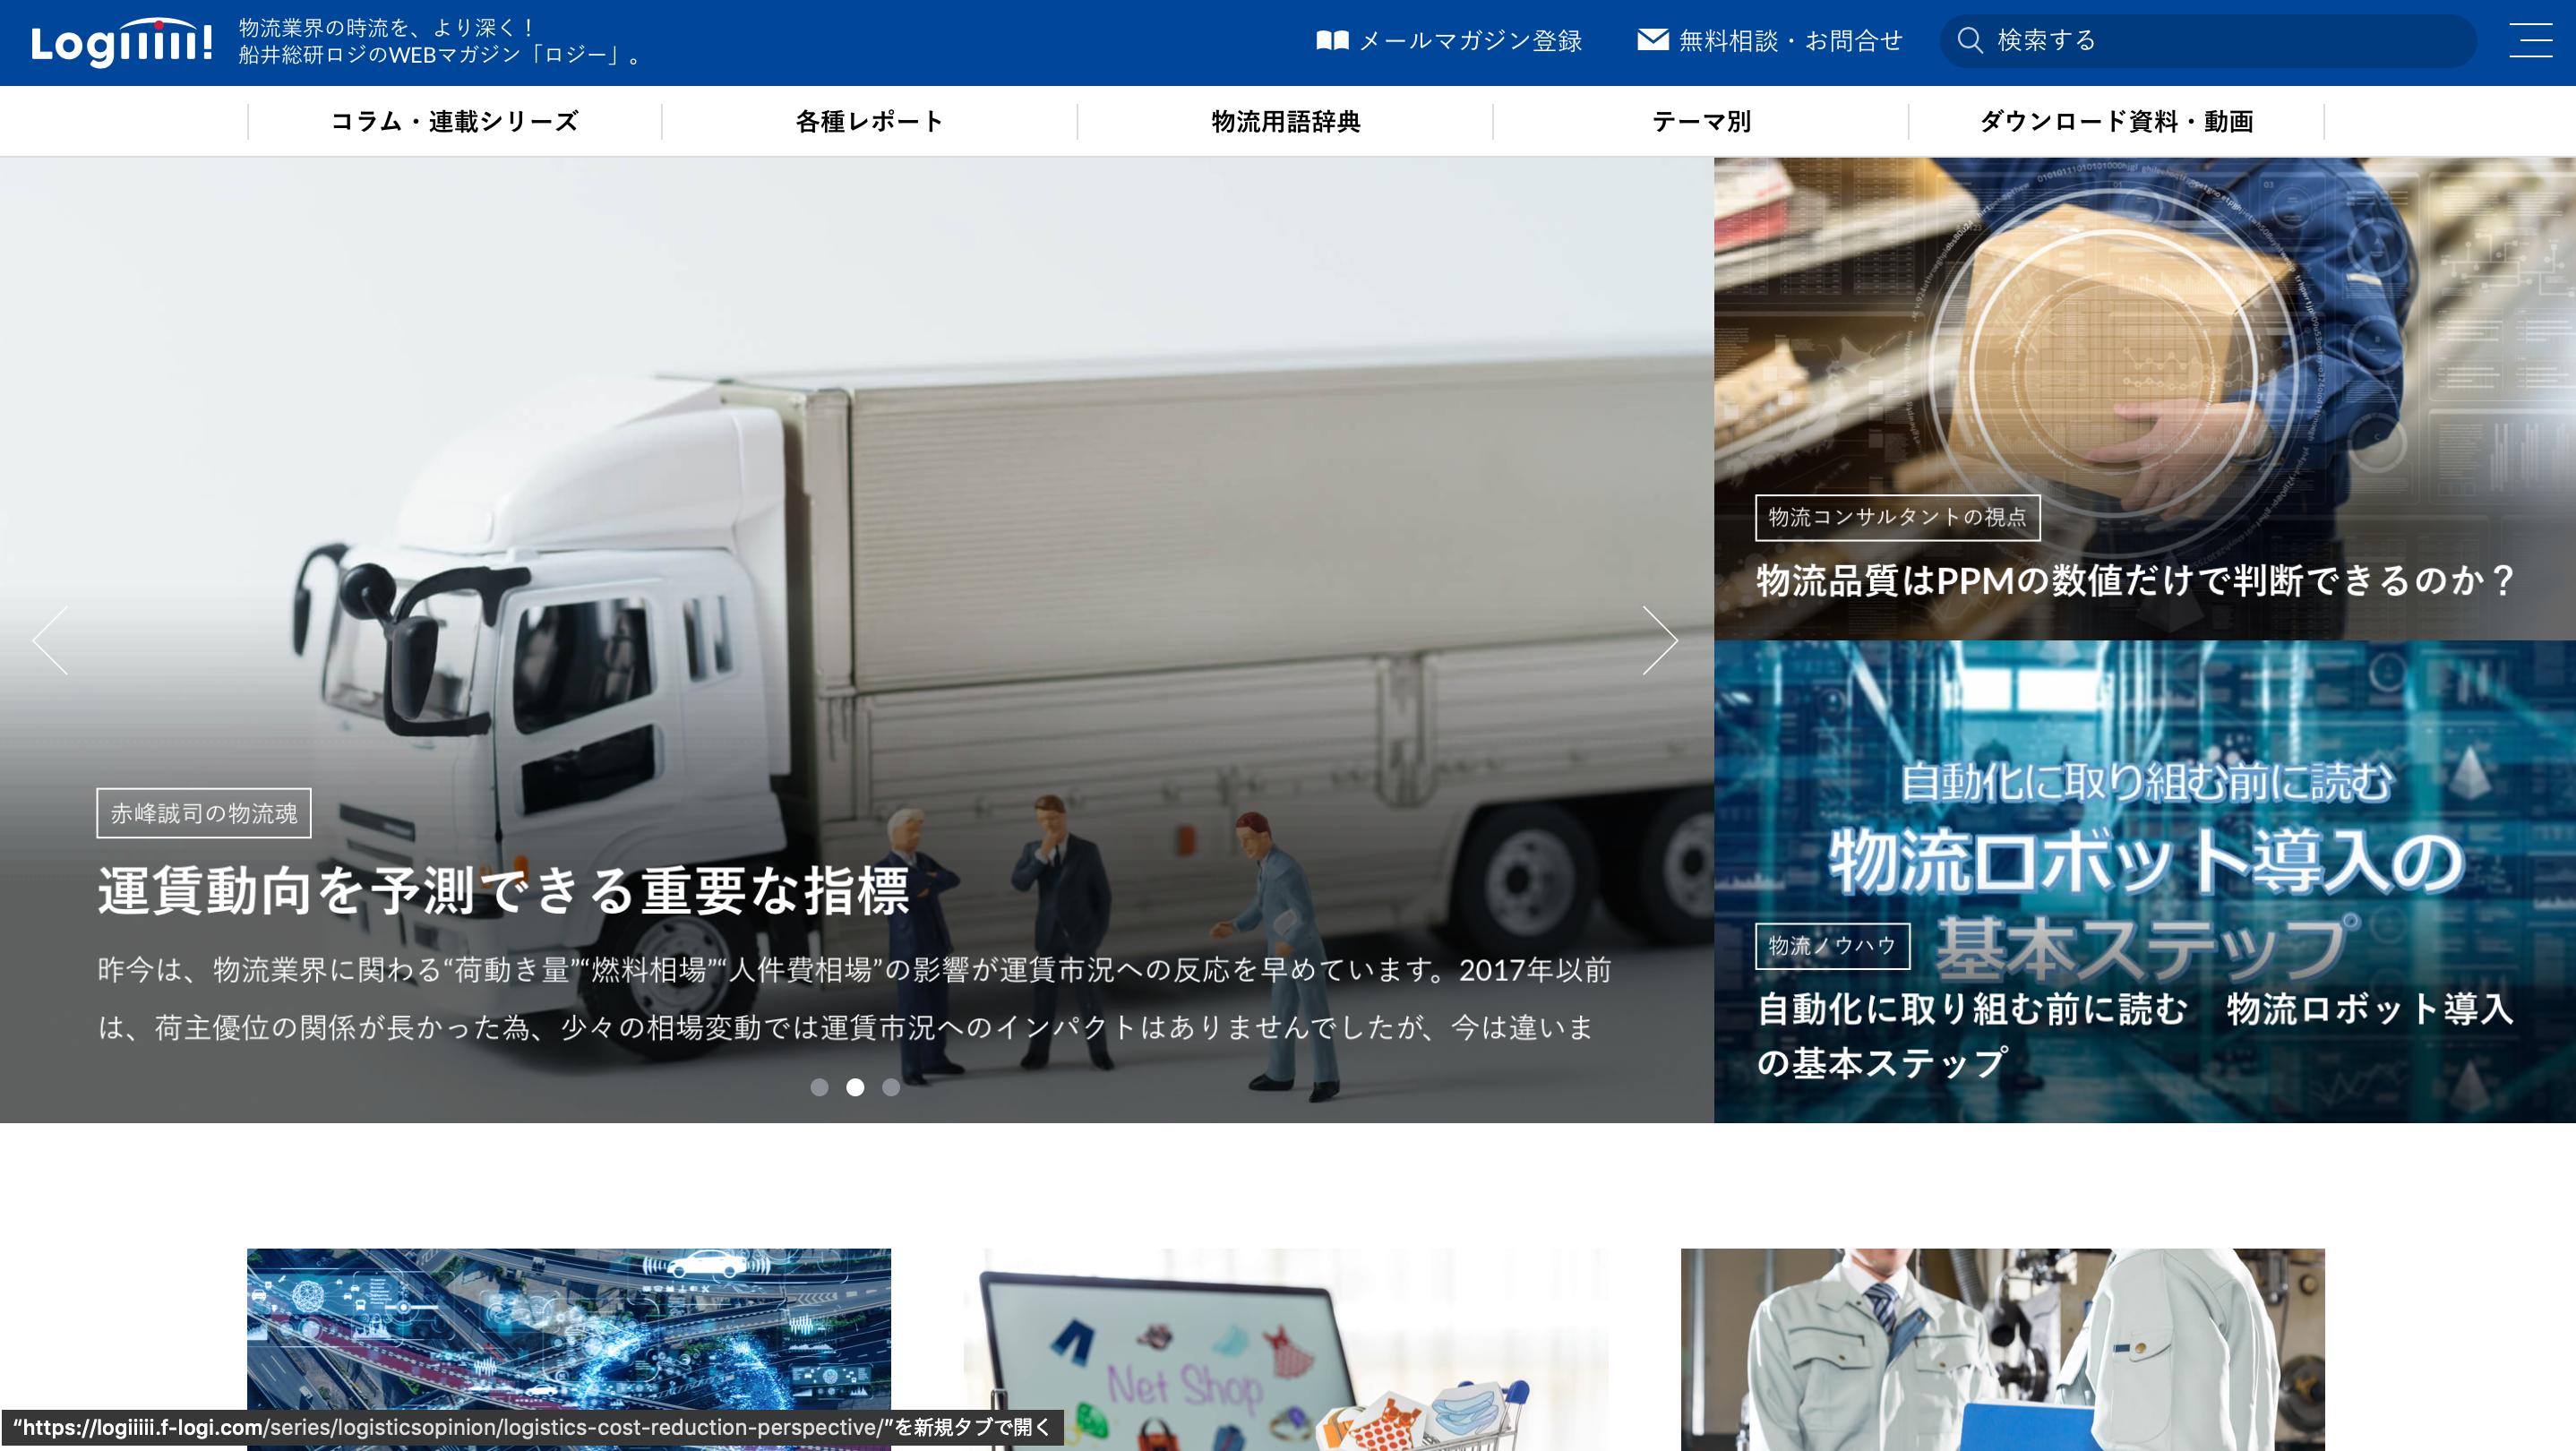 ロジー 船井総研ロジのWebマガジン